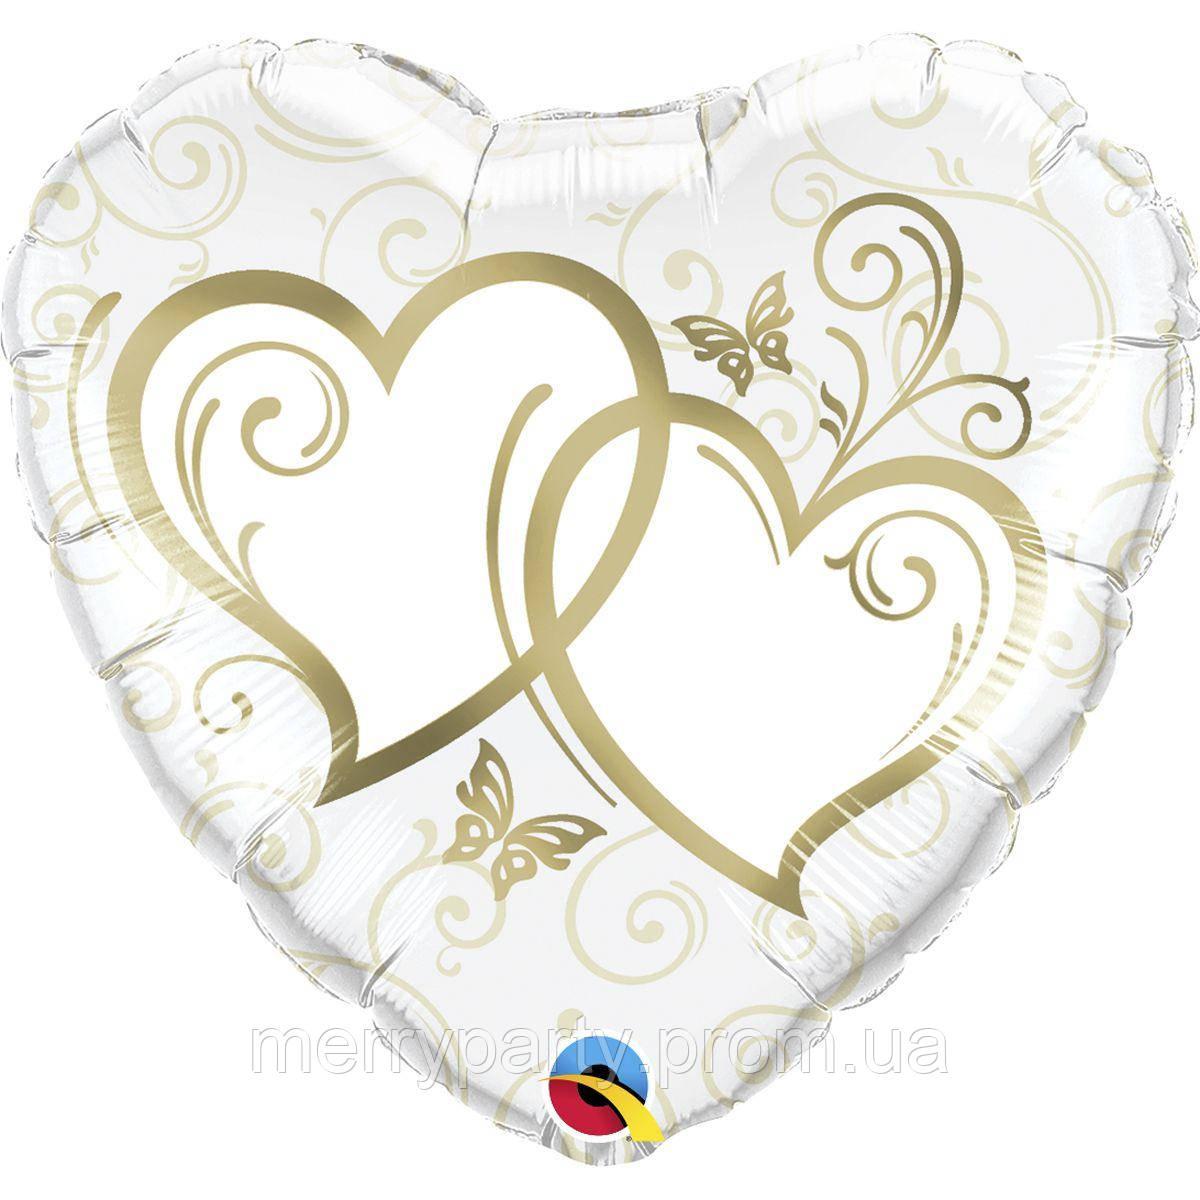 """Сердца золото 18"""" (45 см) сердце Qualatex США шар фольгированный"""